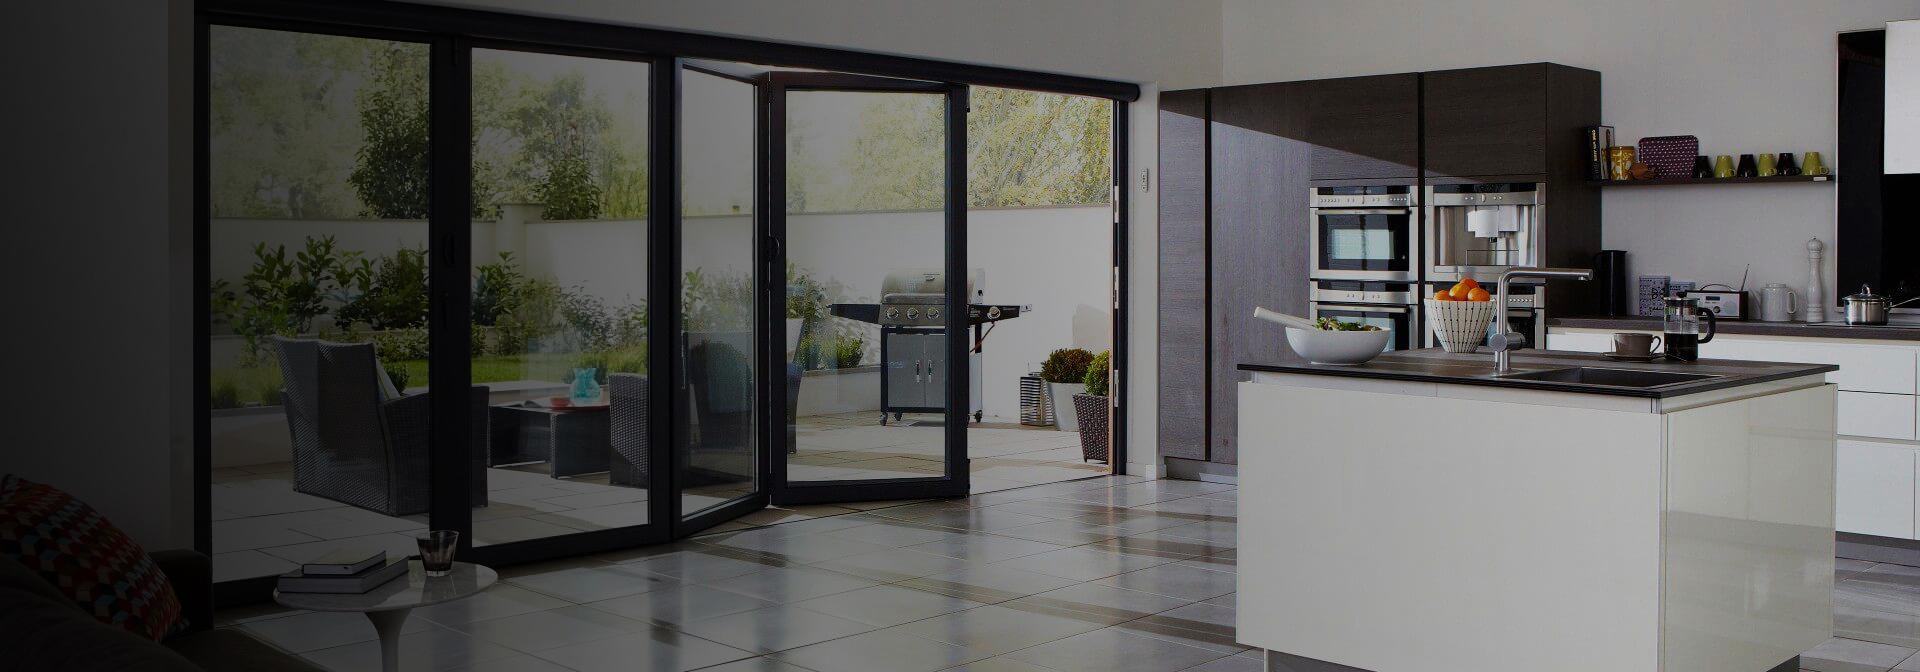 aluminium glazed door